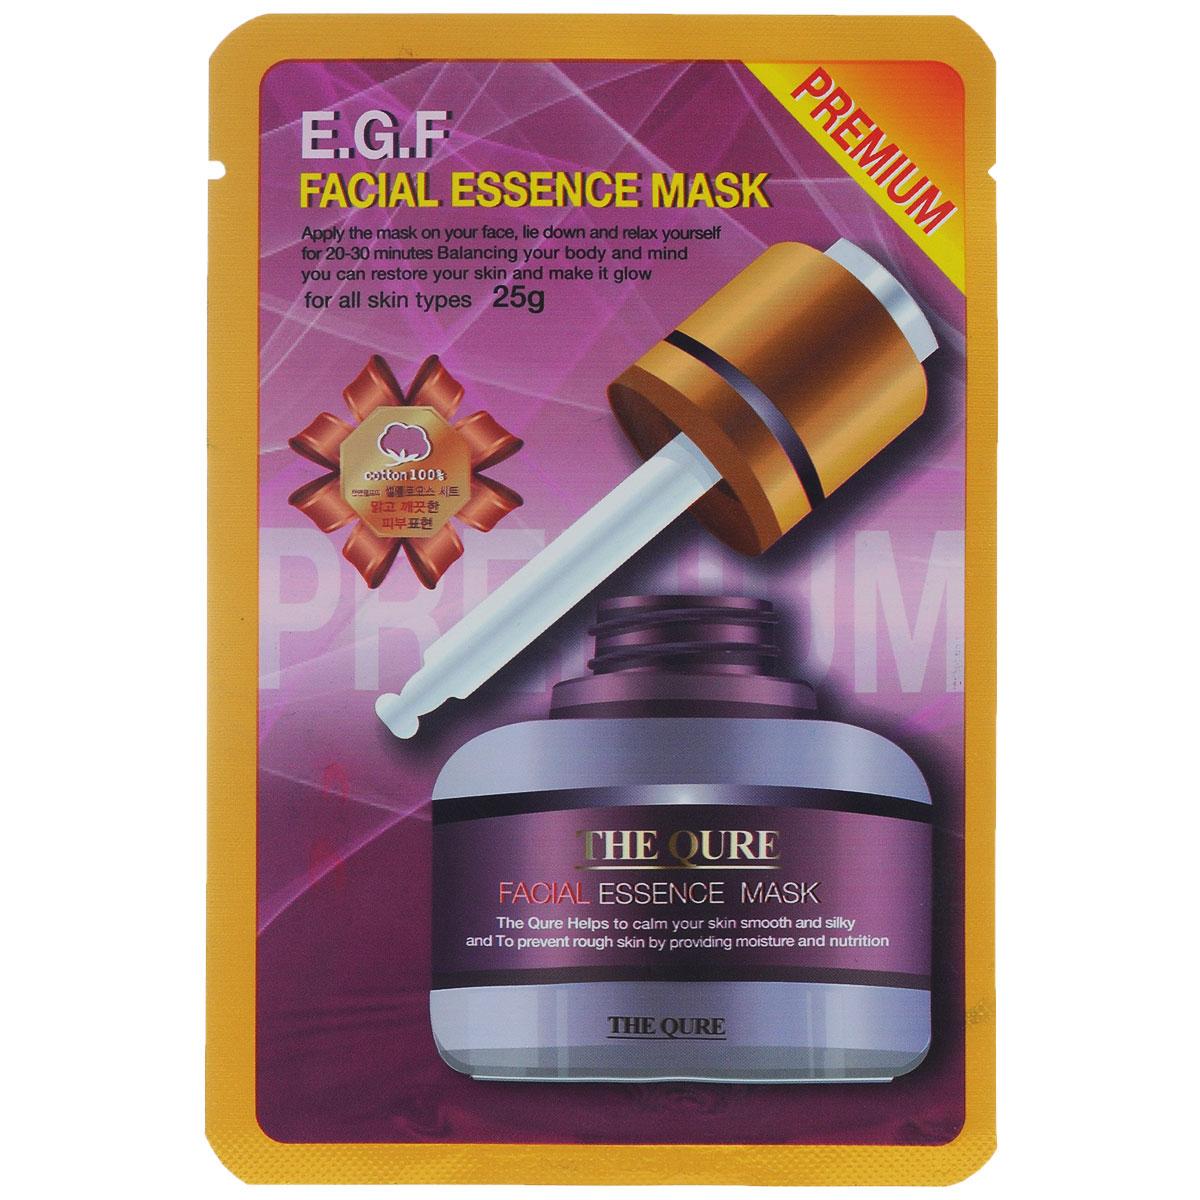 LS Cosmetic Маска для лица Регенерация и Омоложение , 25 г1251Лицевая маска-салфетка содержит EGF - Гепаринсвязанный эпидермальный фактор роста стволовых клеток, роста эпидермиса, регенерации клеток, замедляет процесс старения кожи, способствует обновлению клеток эпидермиса, сохраняя молодость кожи, защита кожи от повреждений и раздражений, улучшение цвета кожи. Фактор роста эпидермиса EGF представляет собой полипептид с небольшой молекулярной массой, который присутствует во многих тканях организма. Именно он подавляет работу гена, отвечающего за старение, стимулируя активность и рост клеток кожи. EGF восстанавливает структуру кожи и приводит ее в идеальное состояние. Кроме того, он является источником здоровья и красоты кожи, так как глубоко увлажняет ее и улучшает синтез макромолекулярных белков, обеспечивающих её эластичность. 3 научно доказанных свойства EGF: Восстанавливает эпидермис - способствует росту клеток эпидермиса, снимает покраснения, уменьшает сосудистые звездочки на лице, помогает быстрому заживлению кожи после пластических...